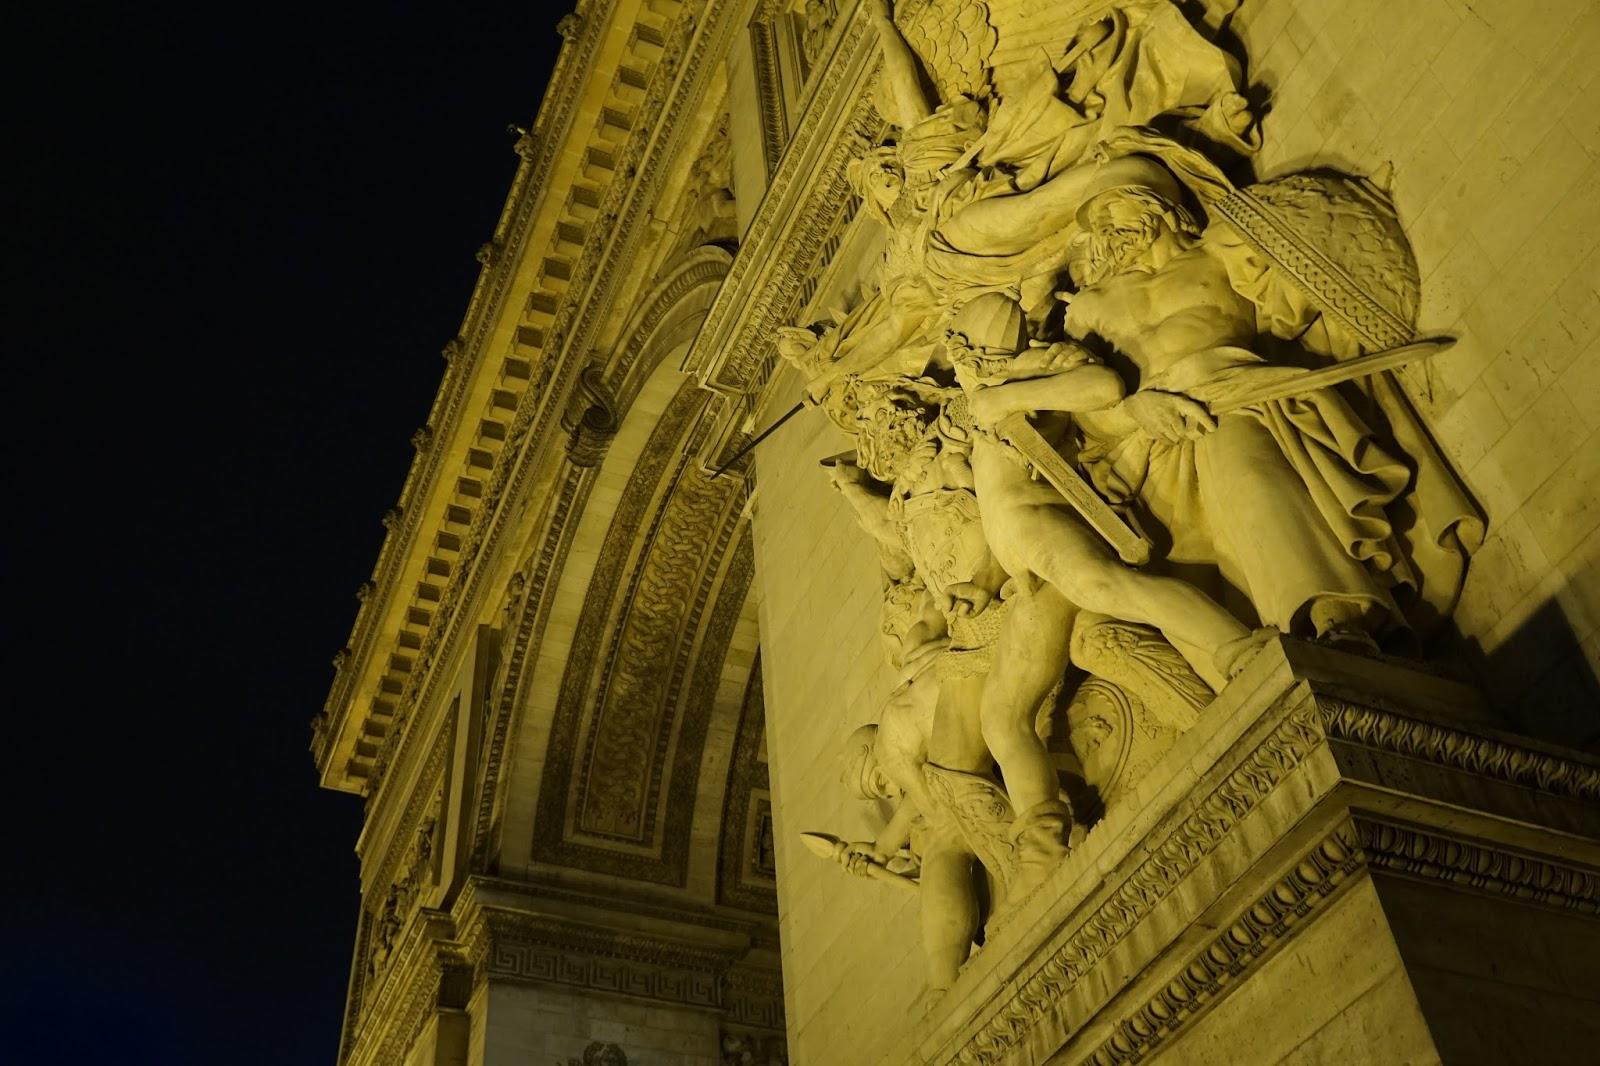 エトワールの凱旋門(Arc de triomphe de l'Étoile) 「1792年の義勇兵の出陣」(Le Depart, 1792.=La Marseillaise)